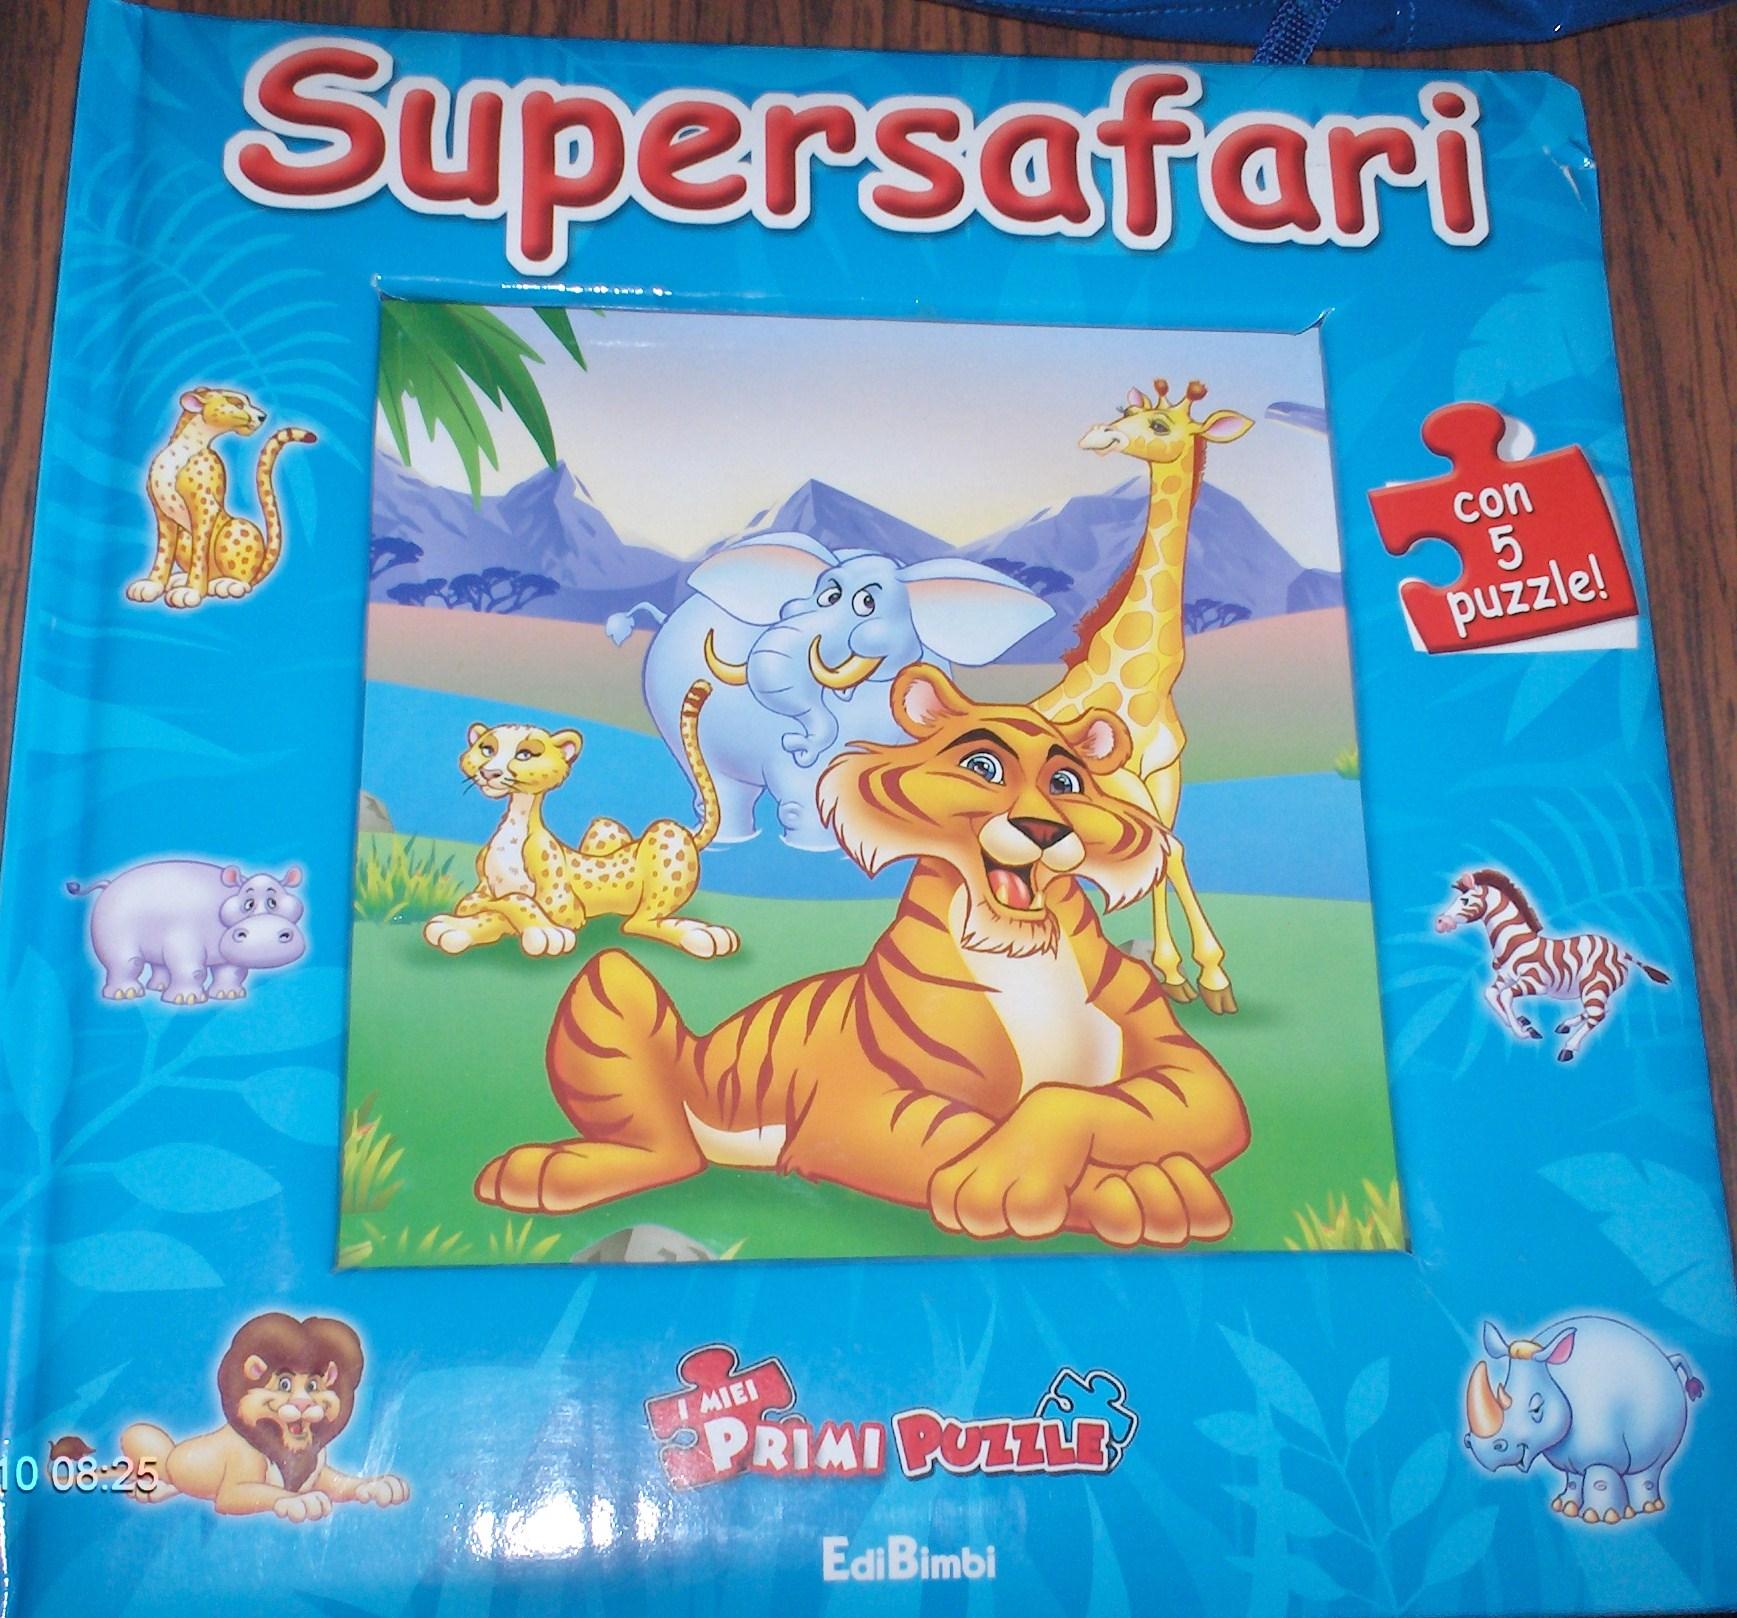 Supersafari